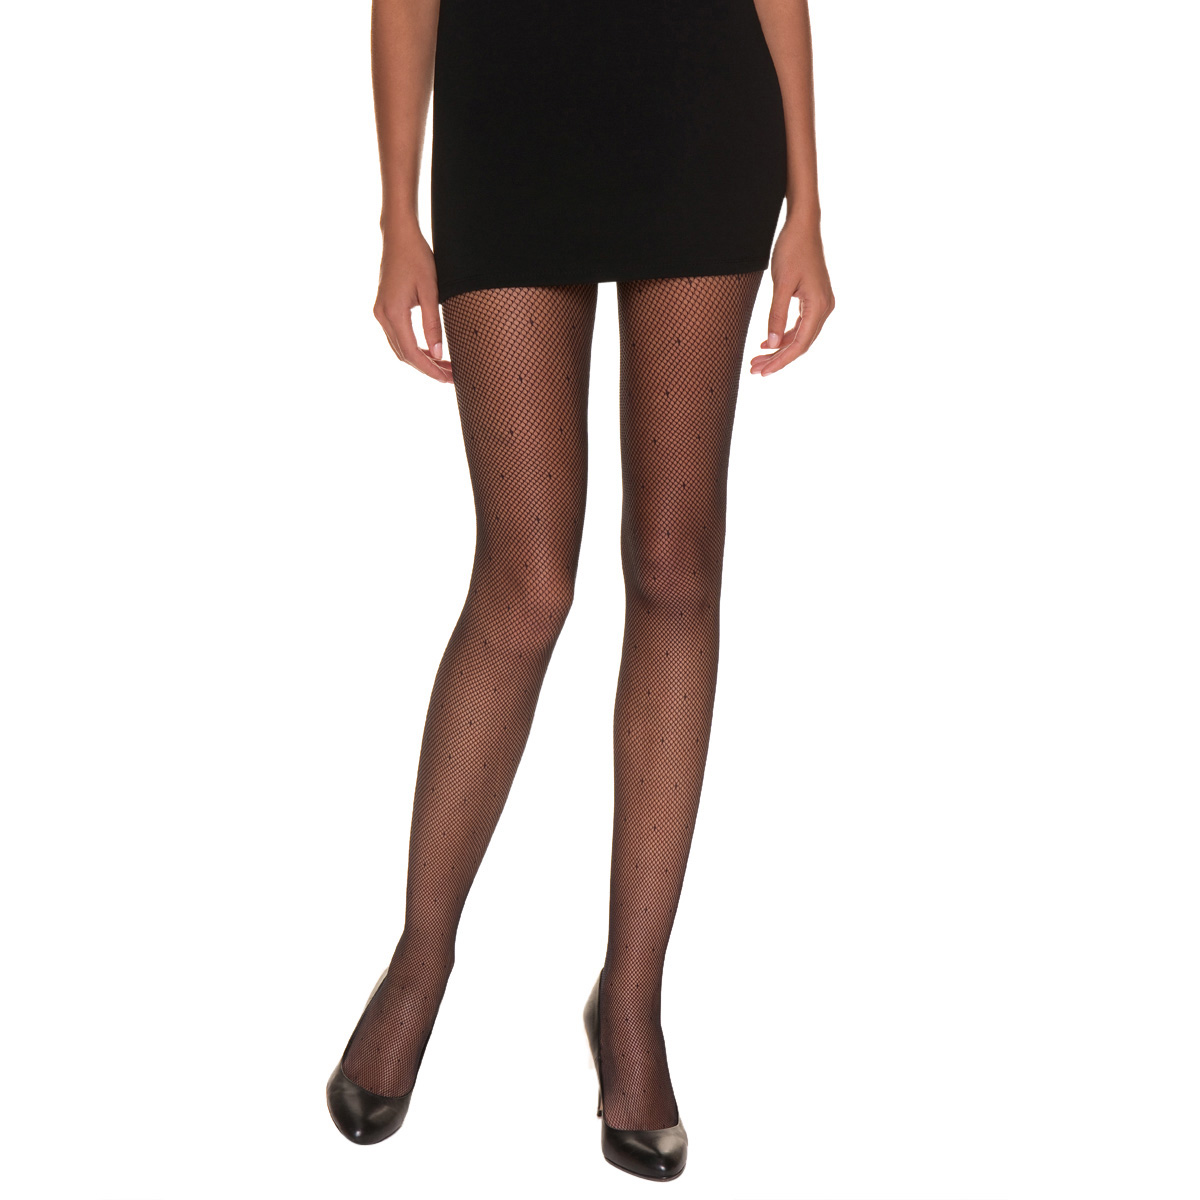 Collant So Sexy résille plumetis noir 65D c396e86199d